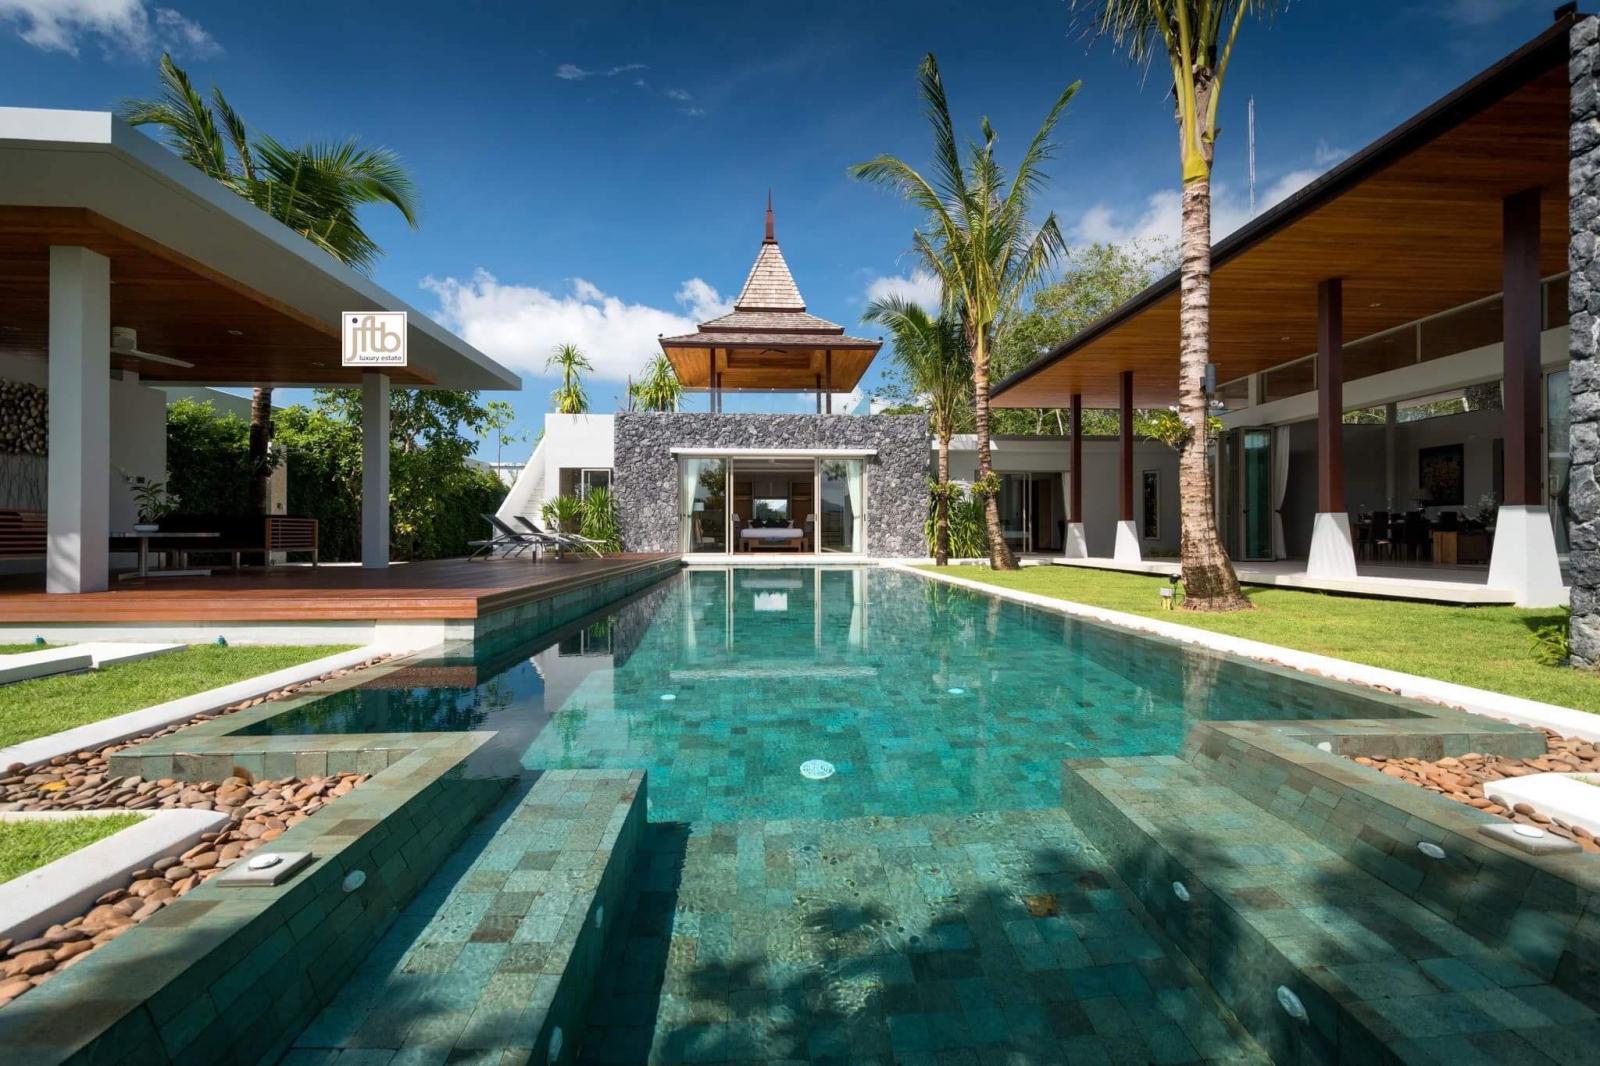 Phuket Hi